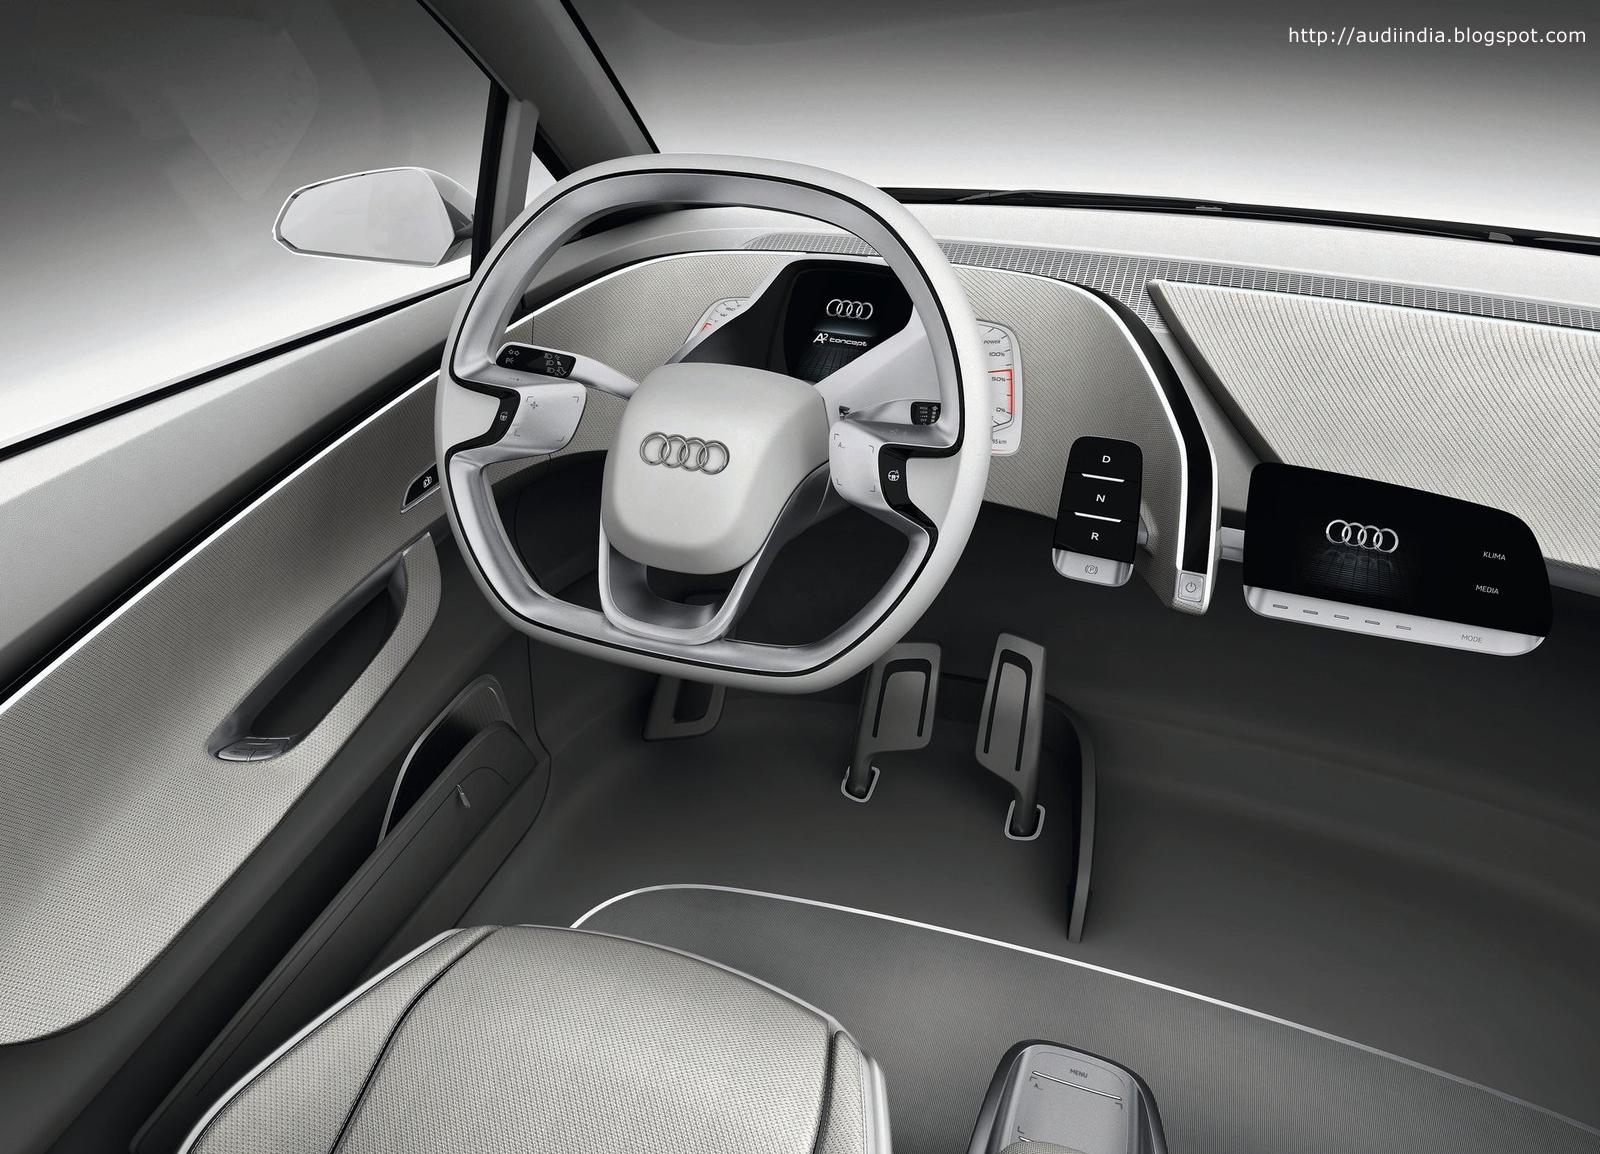 http://3.bp.blogspot.com/-sS7OJyEXJ7E/ToTGxk2KXXI/AAAAAAAABgo/h28kSPT9iEE/s1600/Audi-A2_Concept_2011_1600x1200_wallpaper_1b+copy.jpg